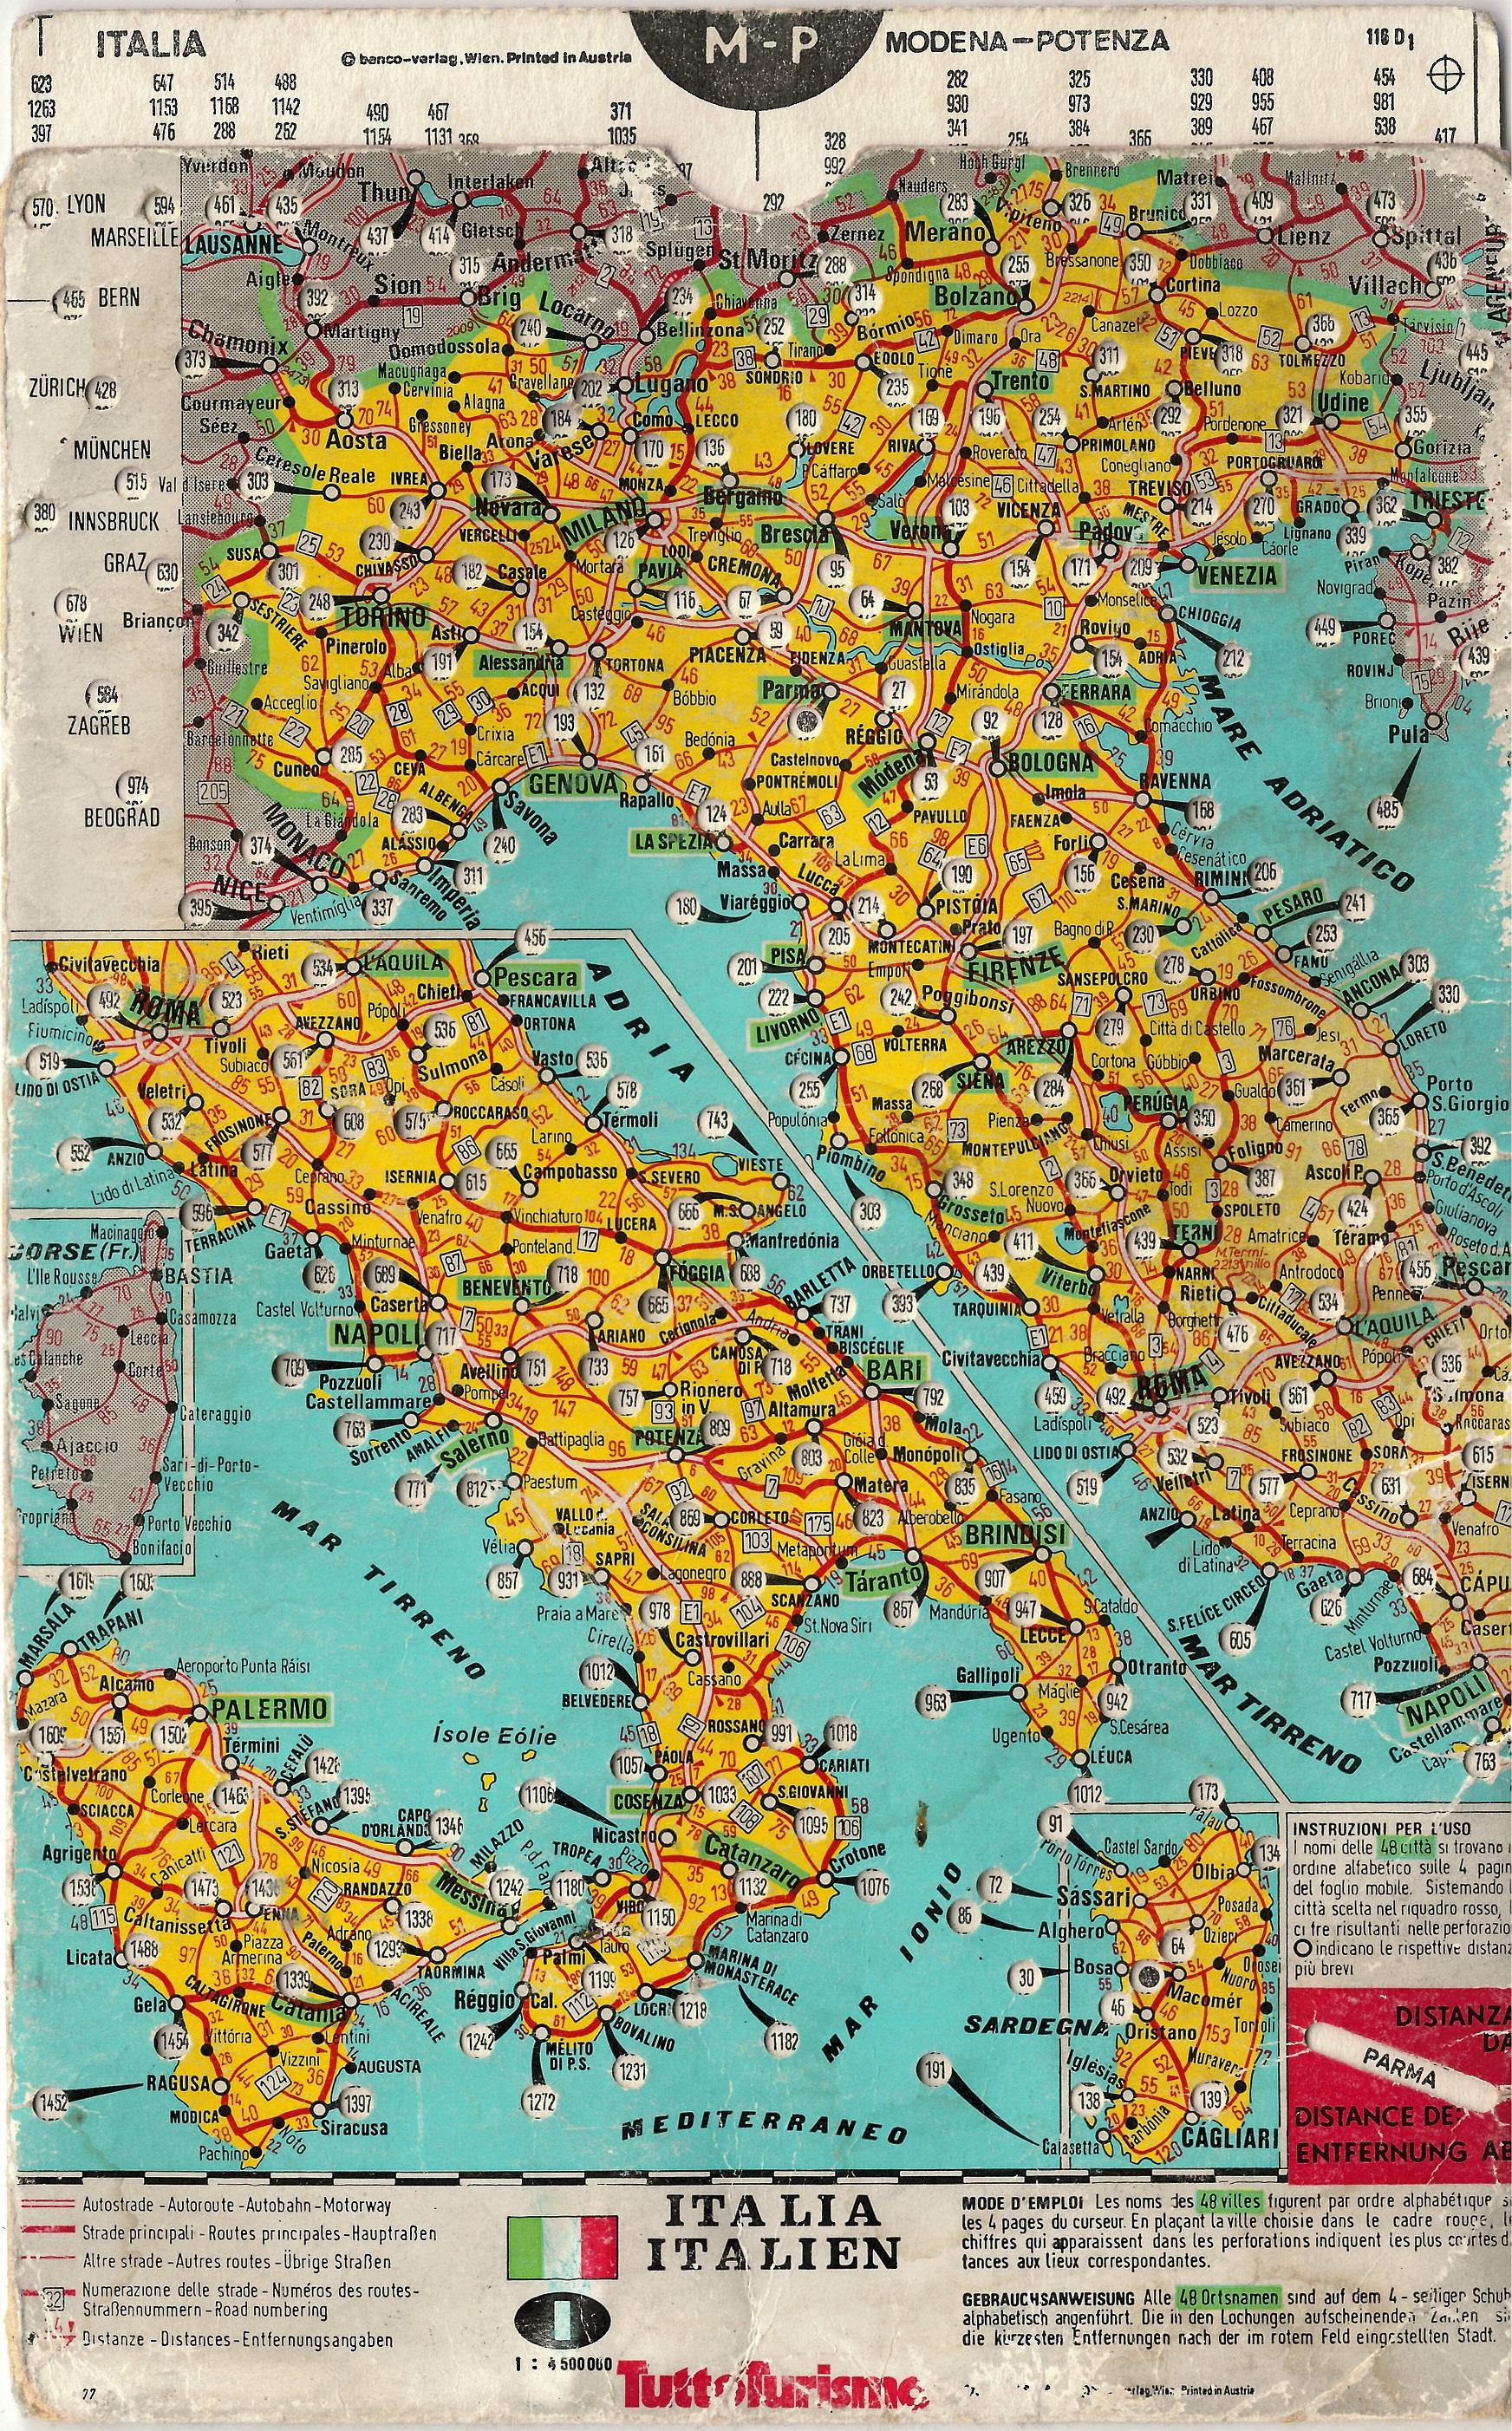 Cartina Italia Con Distanze Km.Carta Delle Distanze Italia Distance Map Italy Benco Verlag Free Download Borrow And Streaming Internet Archive